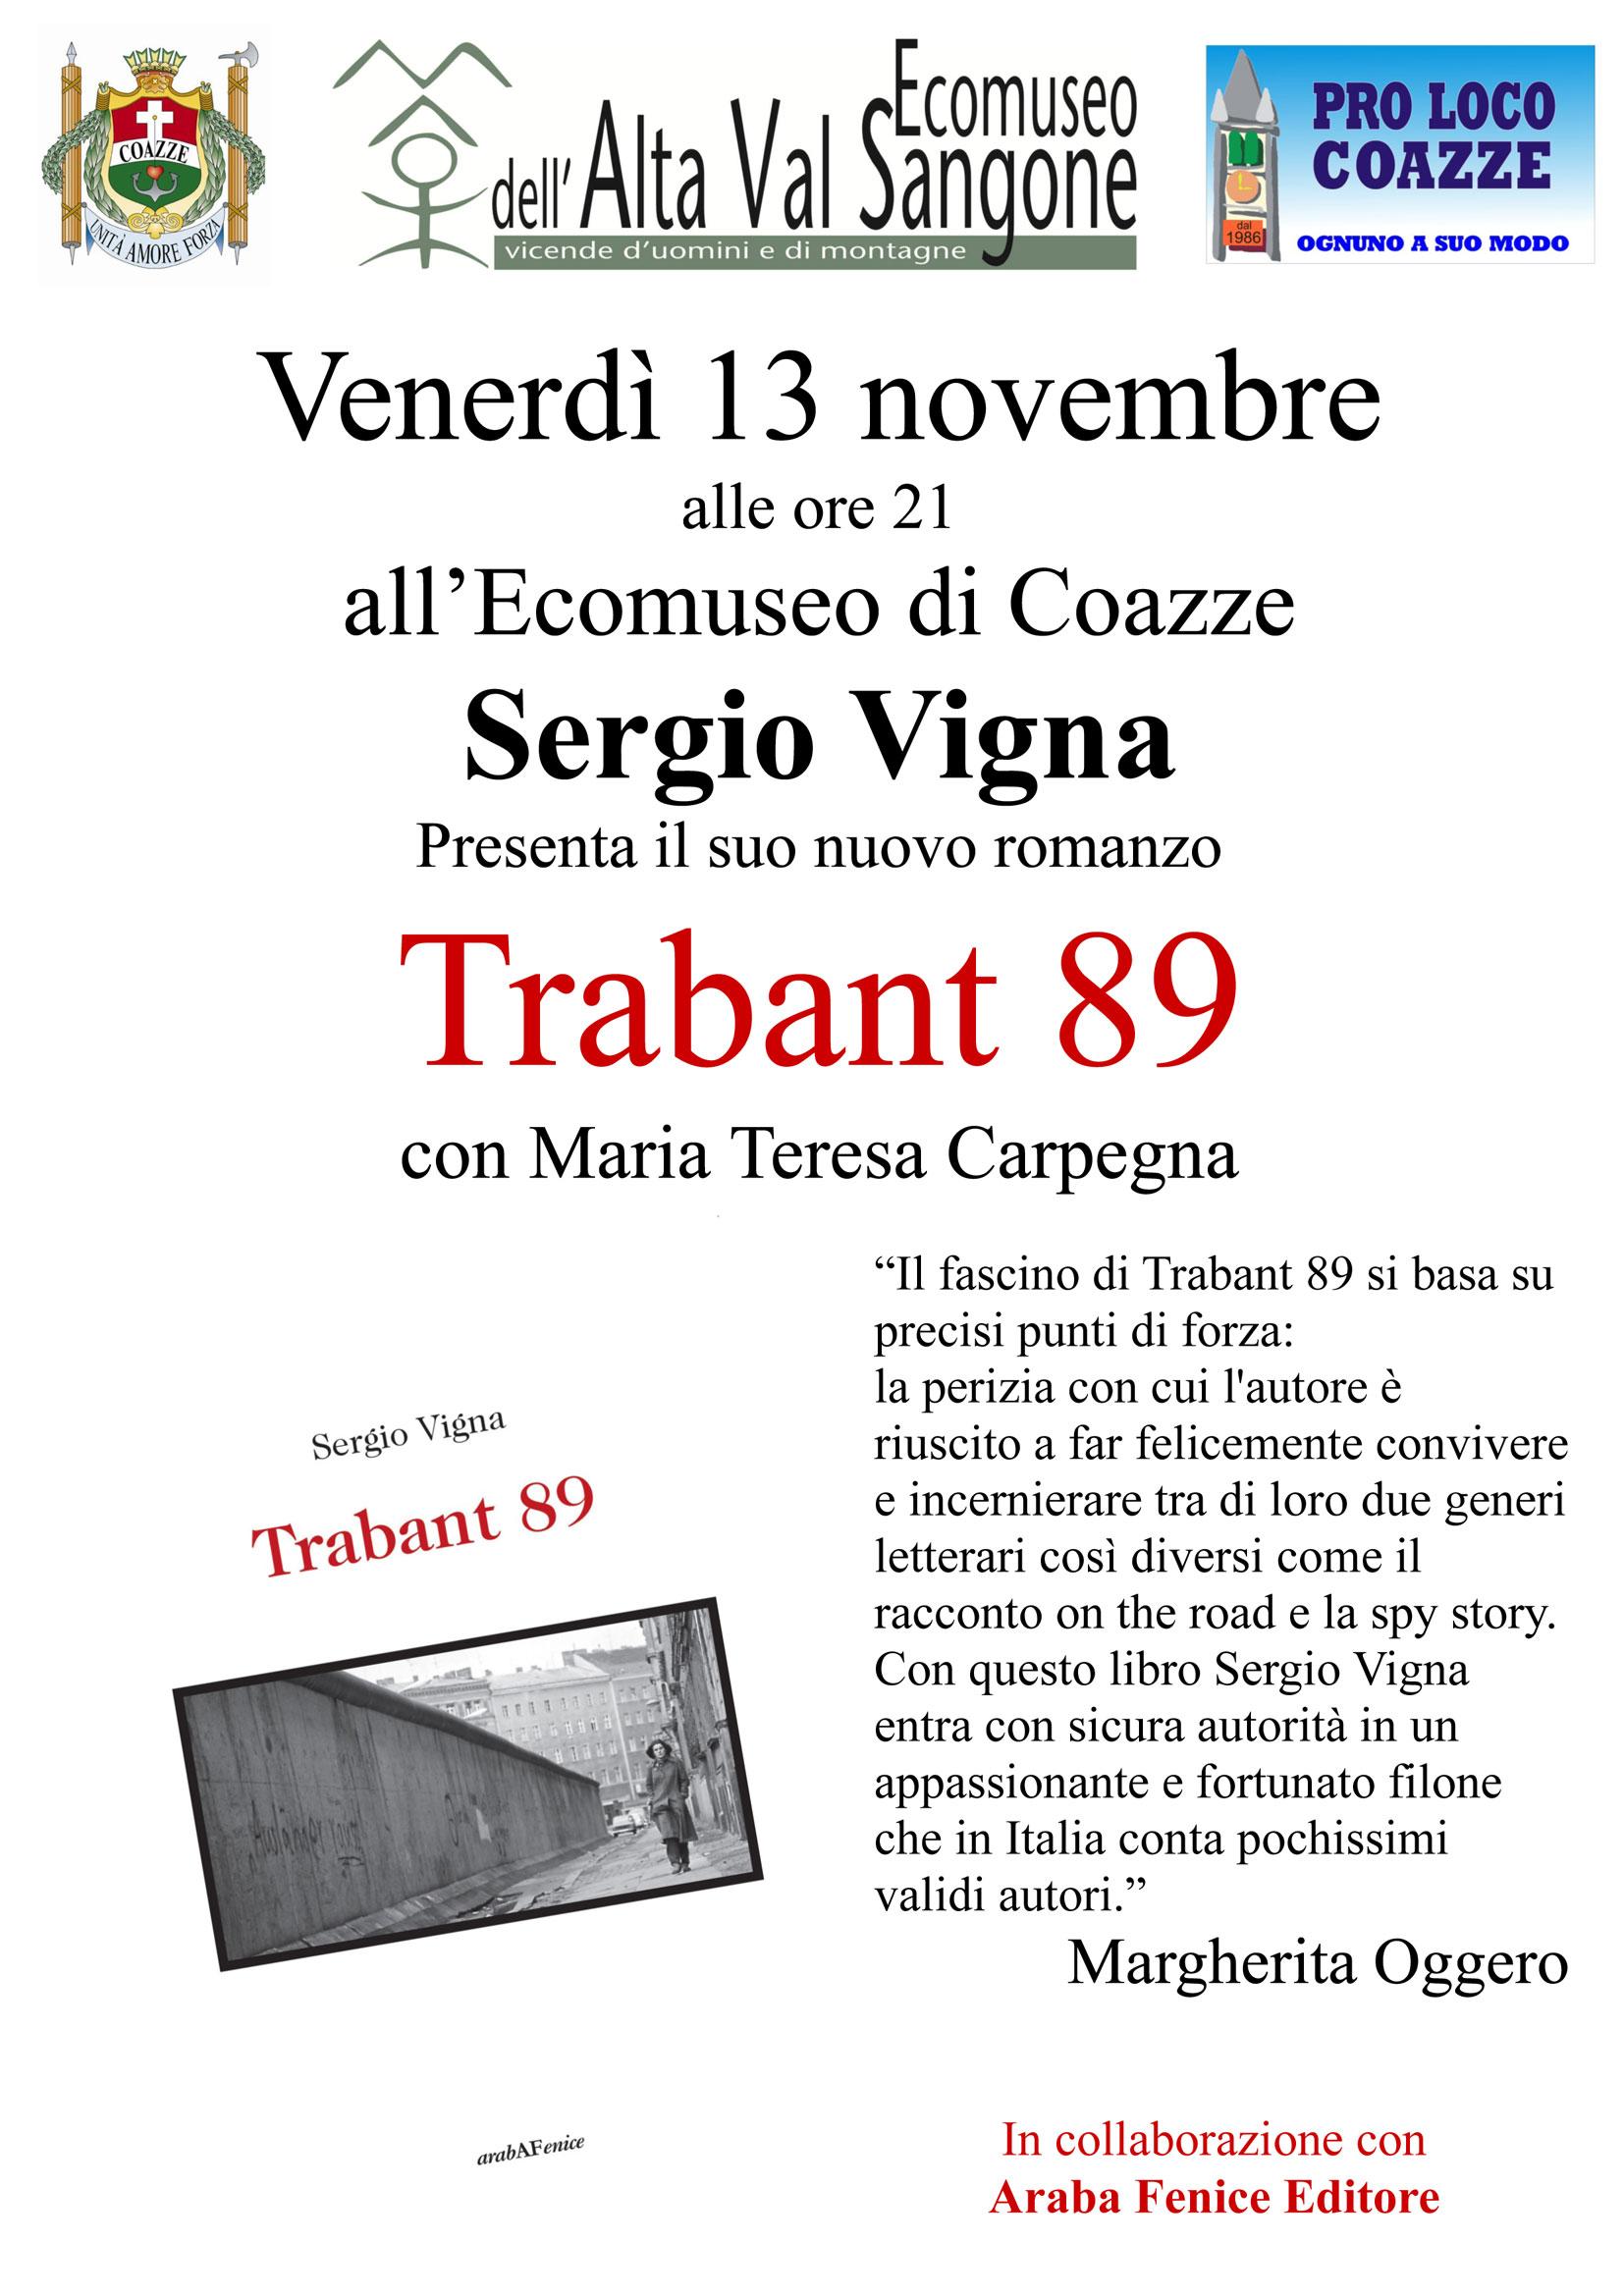 """Presentazione romanzo """"Trabant 89"""" di Sergio Vigna – Venerdì 13 novembre 2015 – Coazze"""